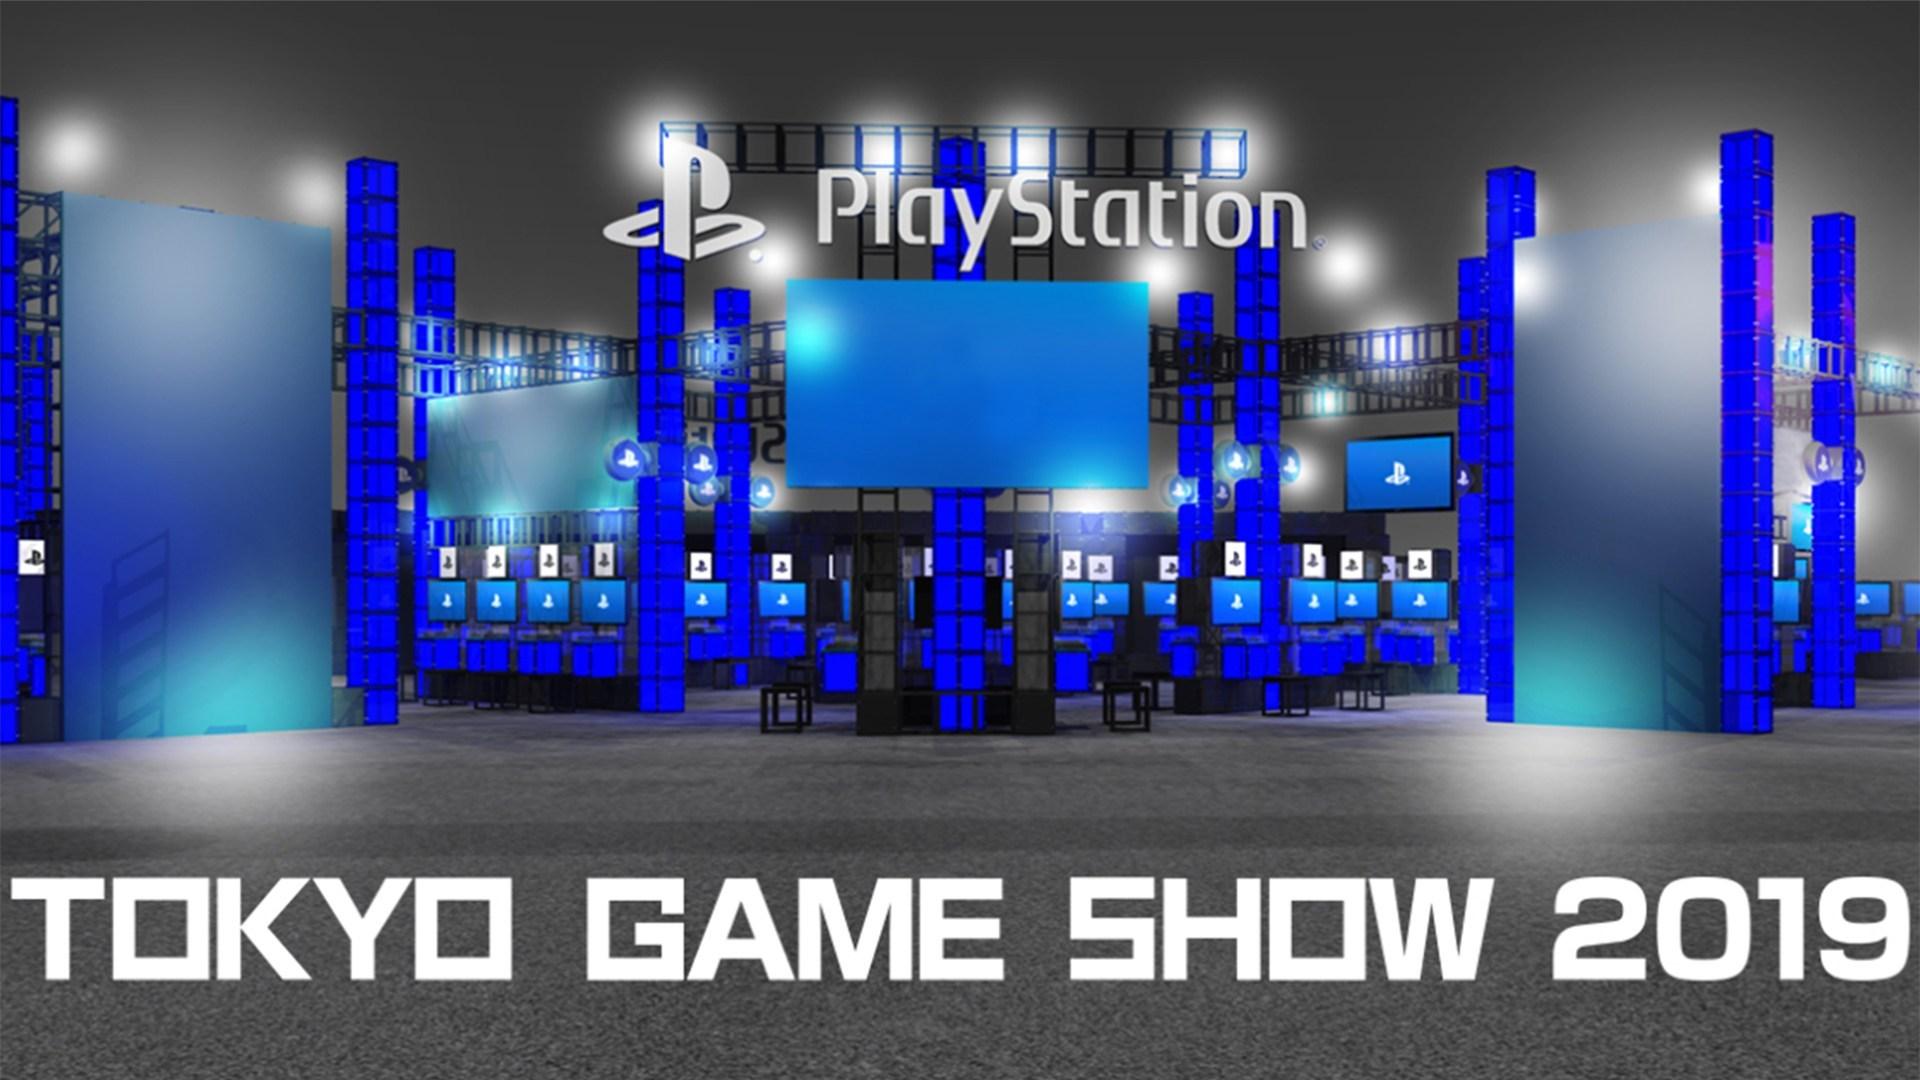 Sony демонстрирует линейку игровых шоу в Токио 2019 года, в том числе серию Death Stranding, Ghosts of Tsushima и другие 1